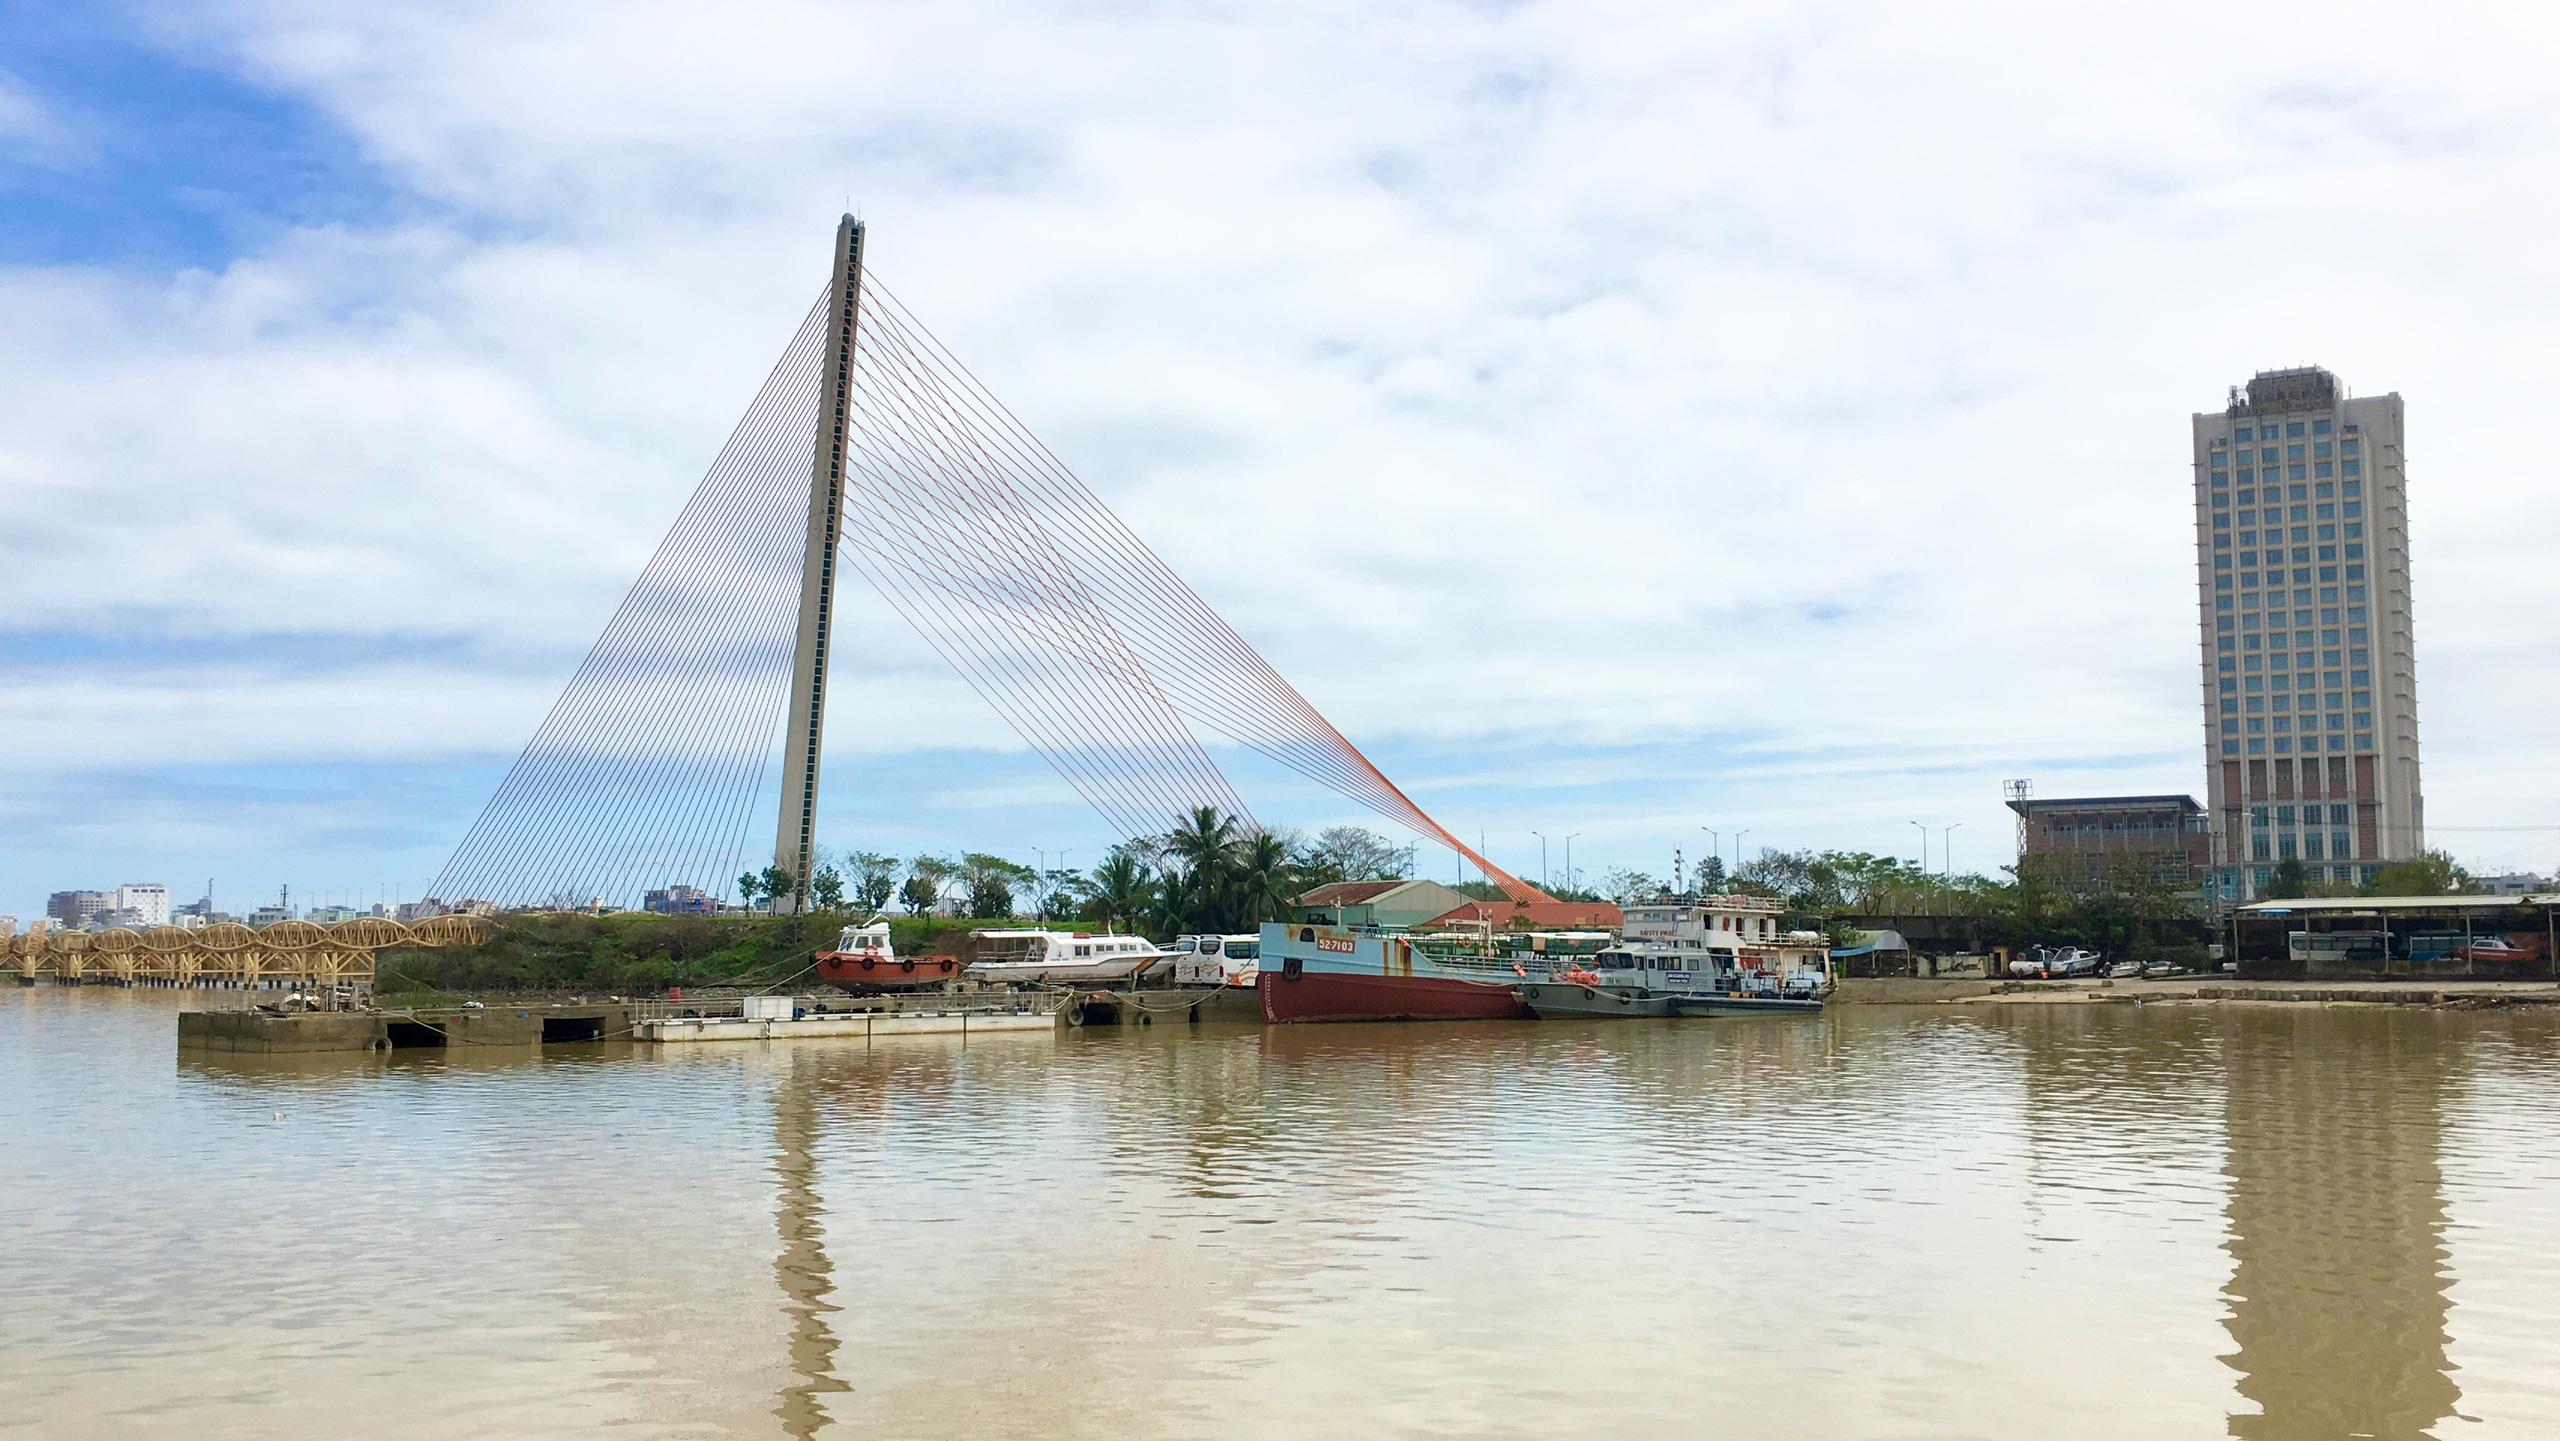 Hạ tầng ven sông Hàn Đà Nẵng hiện tại và trong tương lai - Ảnh 17.